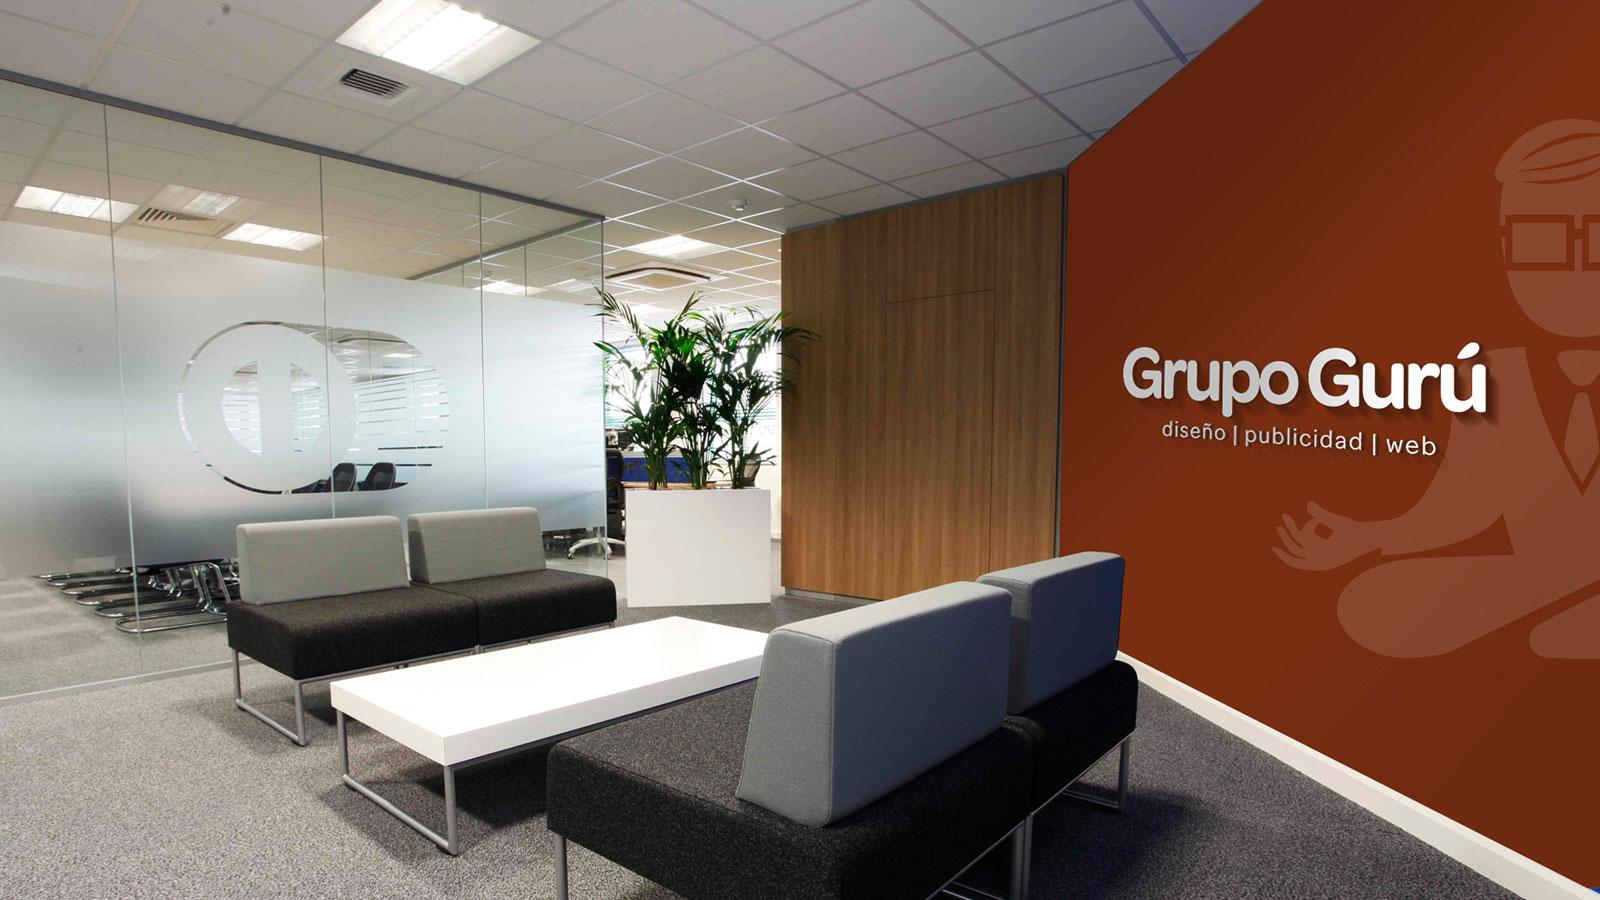 Oficinas corporativas en proceso for Diseno de oficinas corporativas